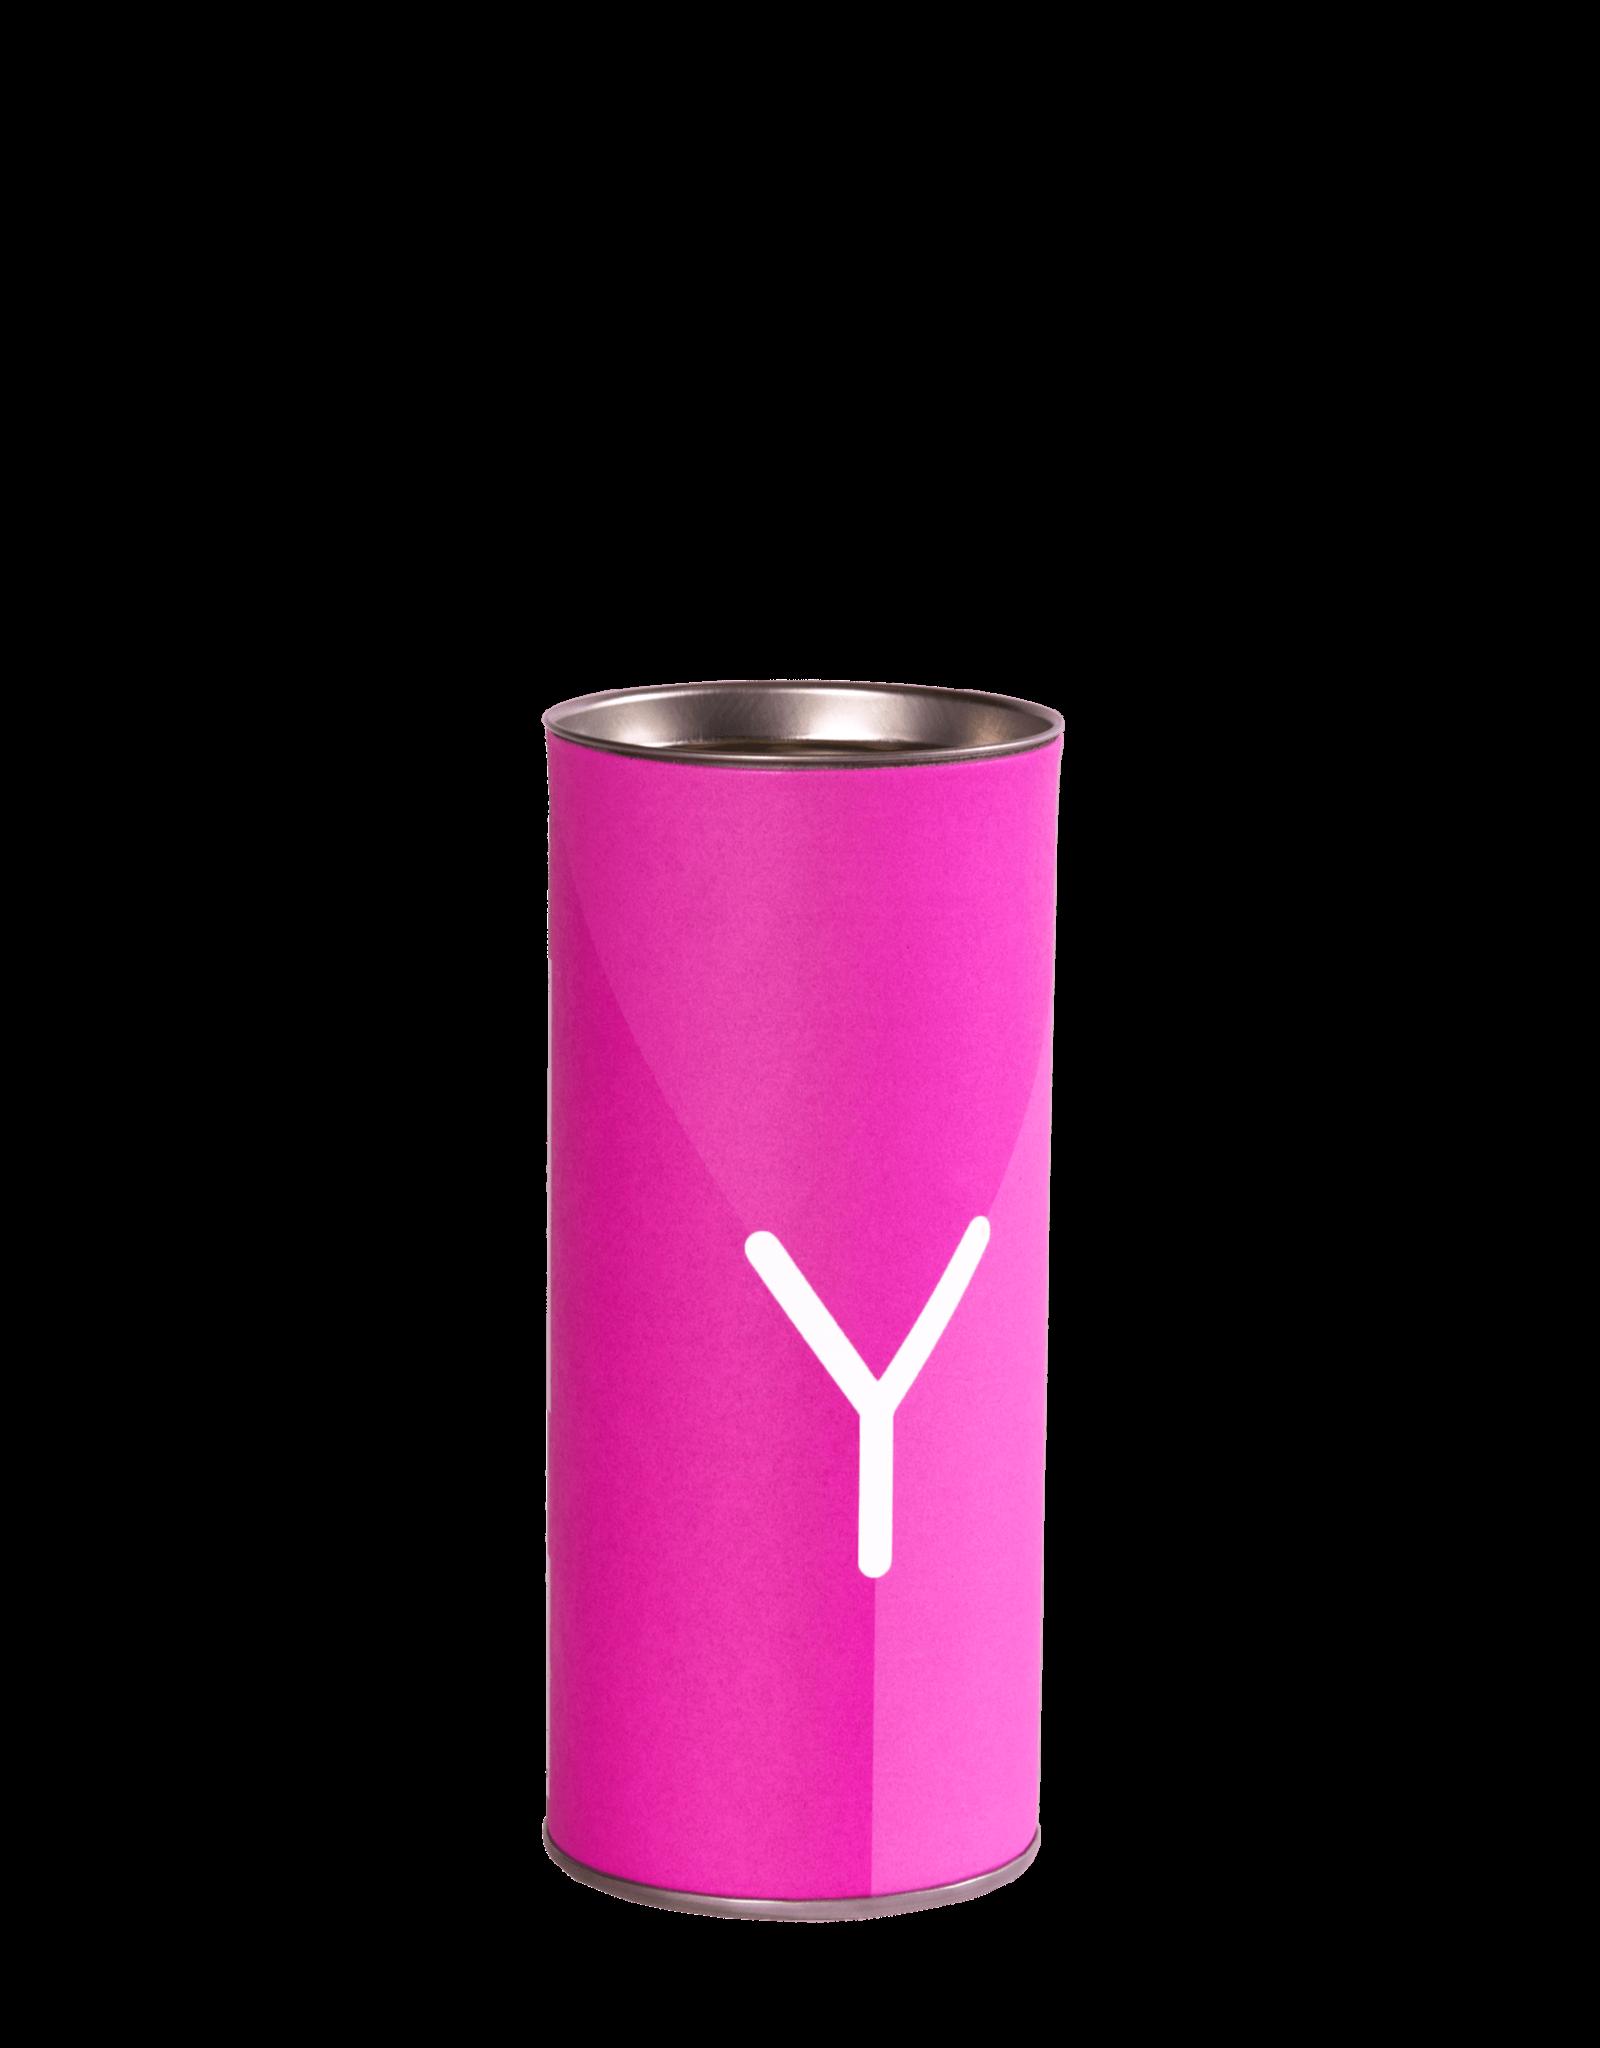 YONI Yoni 38 tampons light blik (Mega Stash)